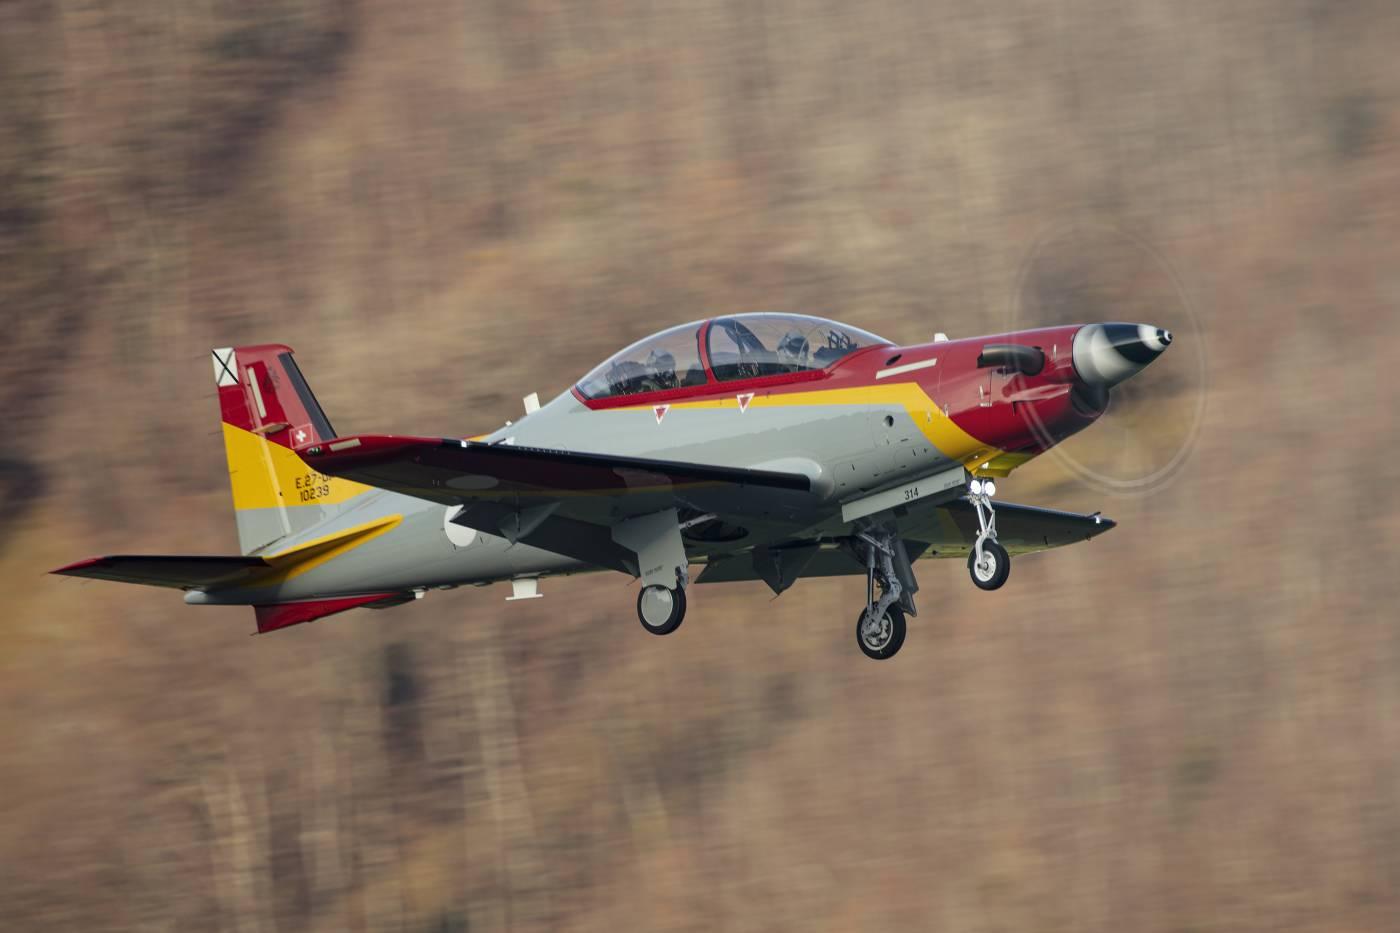 Pilatus PC-21 Força Aérea da Espanha